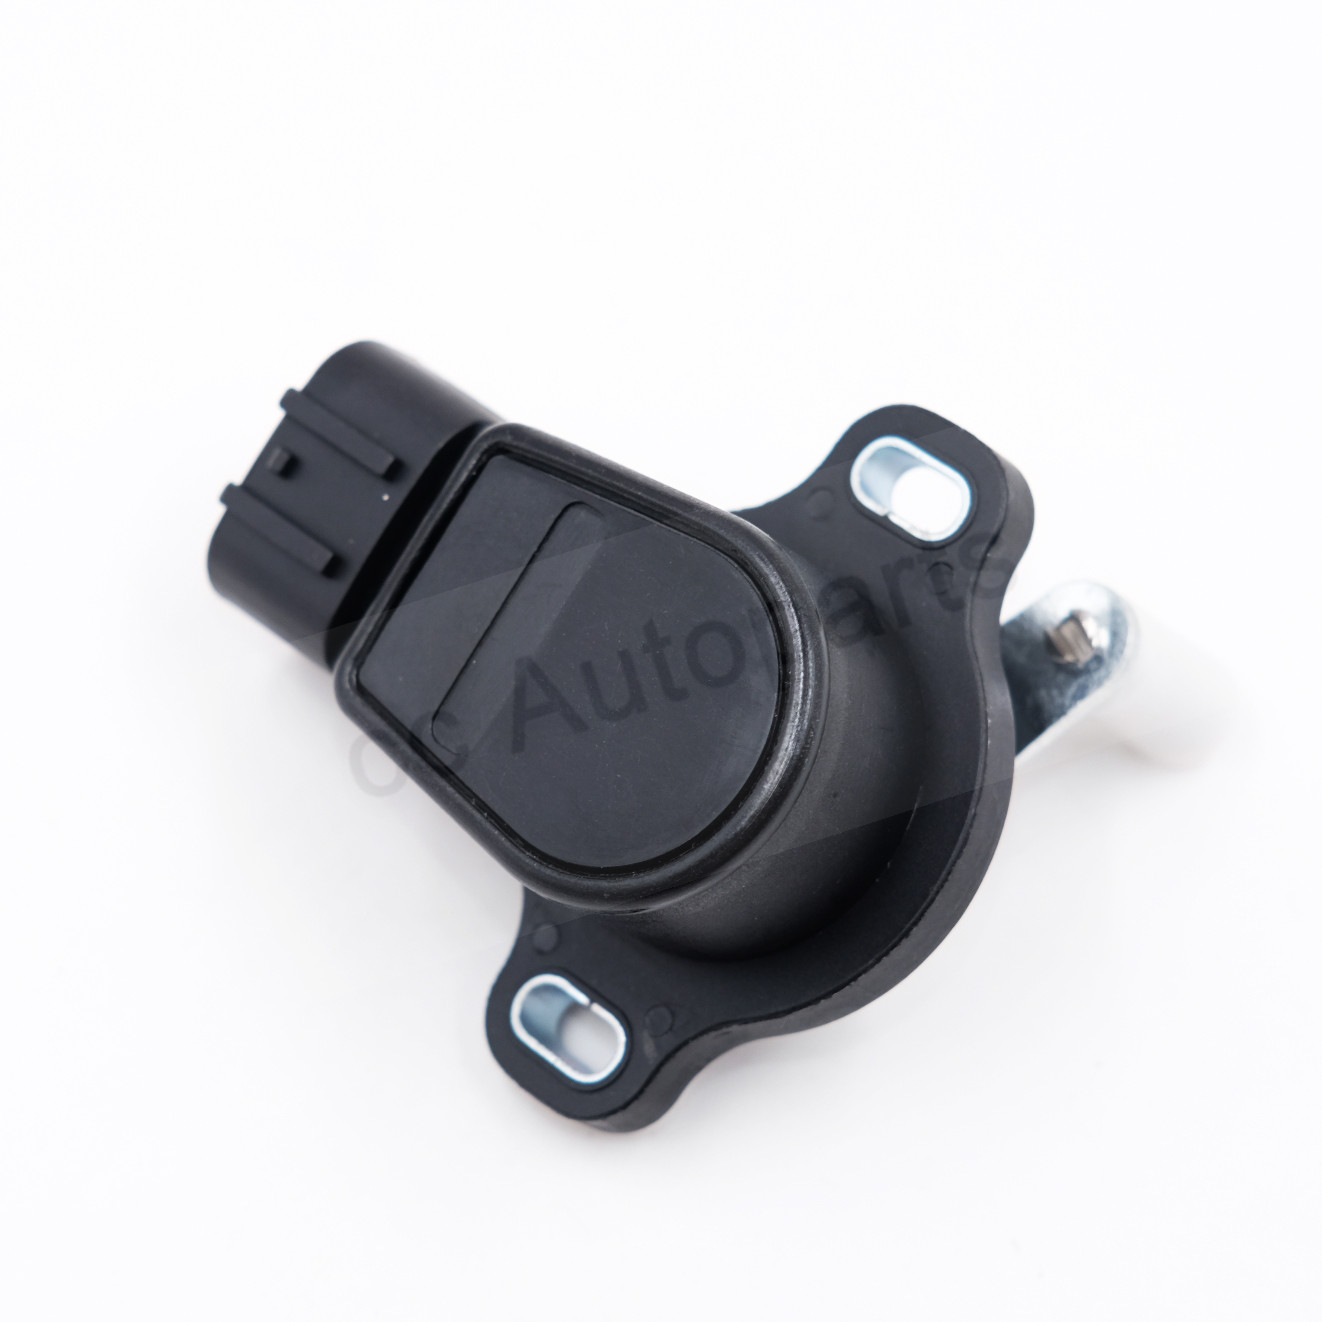 Throttle Position Sensor For Nissan Infiniti 18919-AM810 18919AM810 18919-5Y700 189195Y700 18919-VK500 18919VK500